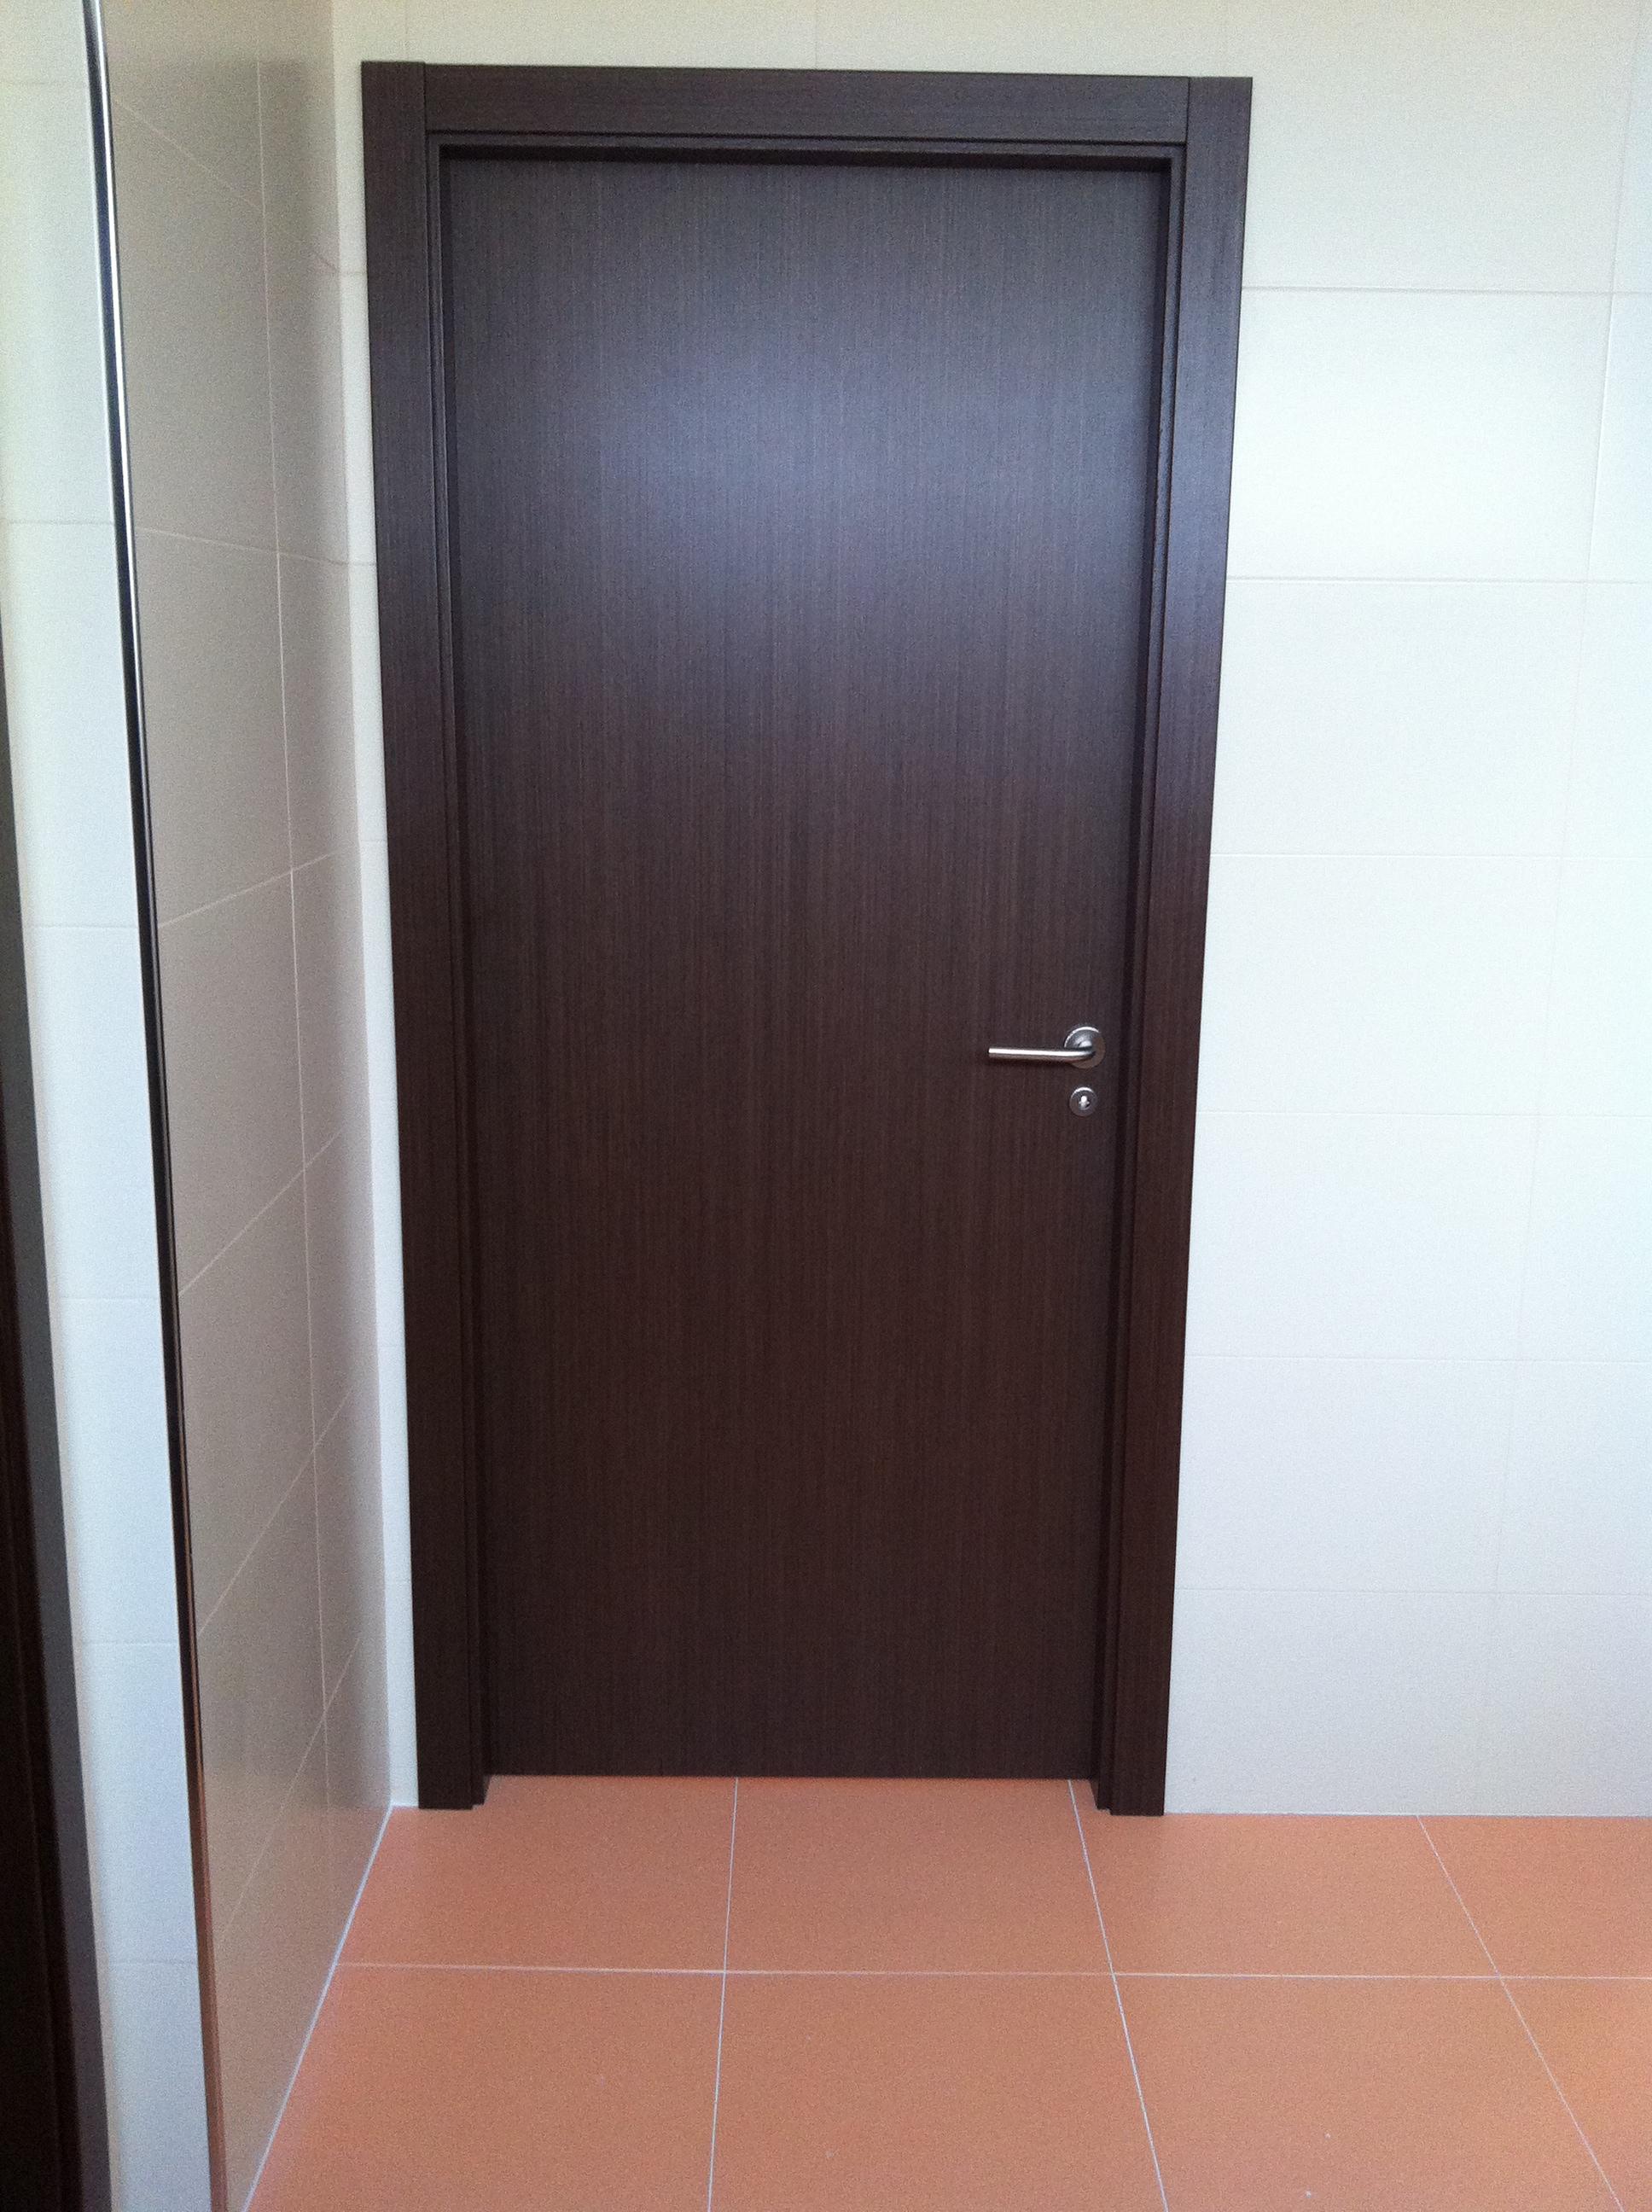 cocinas baratas y de calidad muebles dominguez of puertas